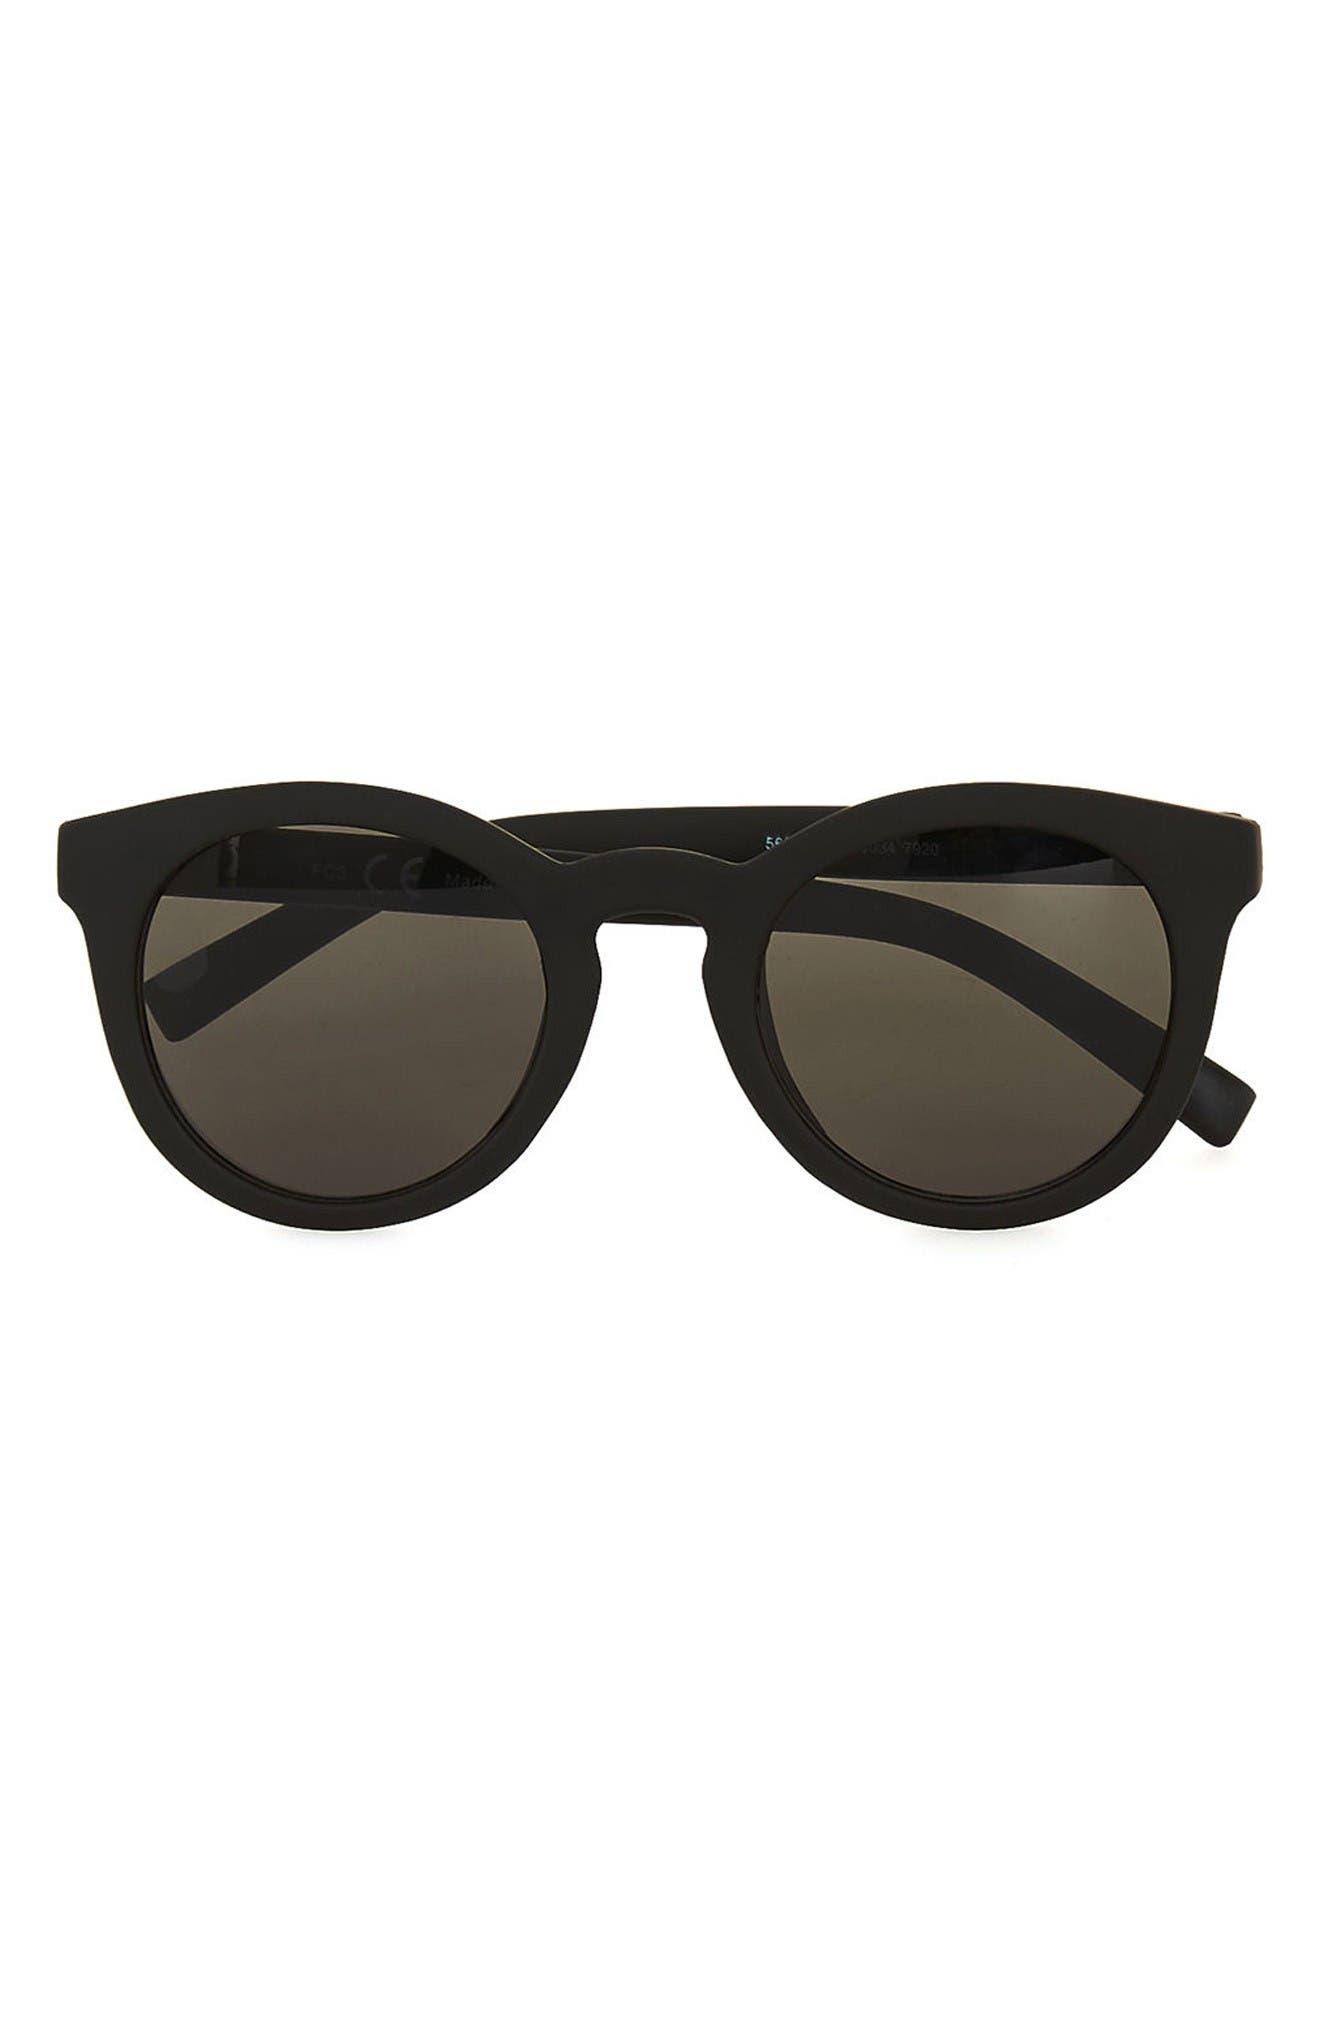 46mm Rubberized Round Sunglasses,                         Main,                         color, Black